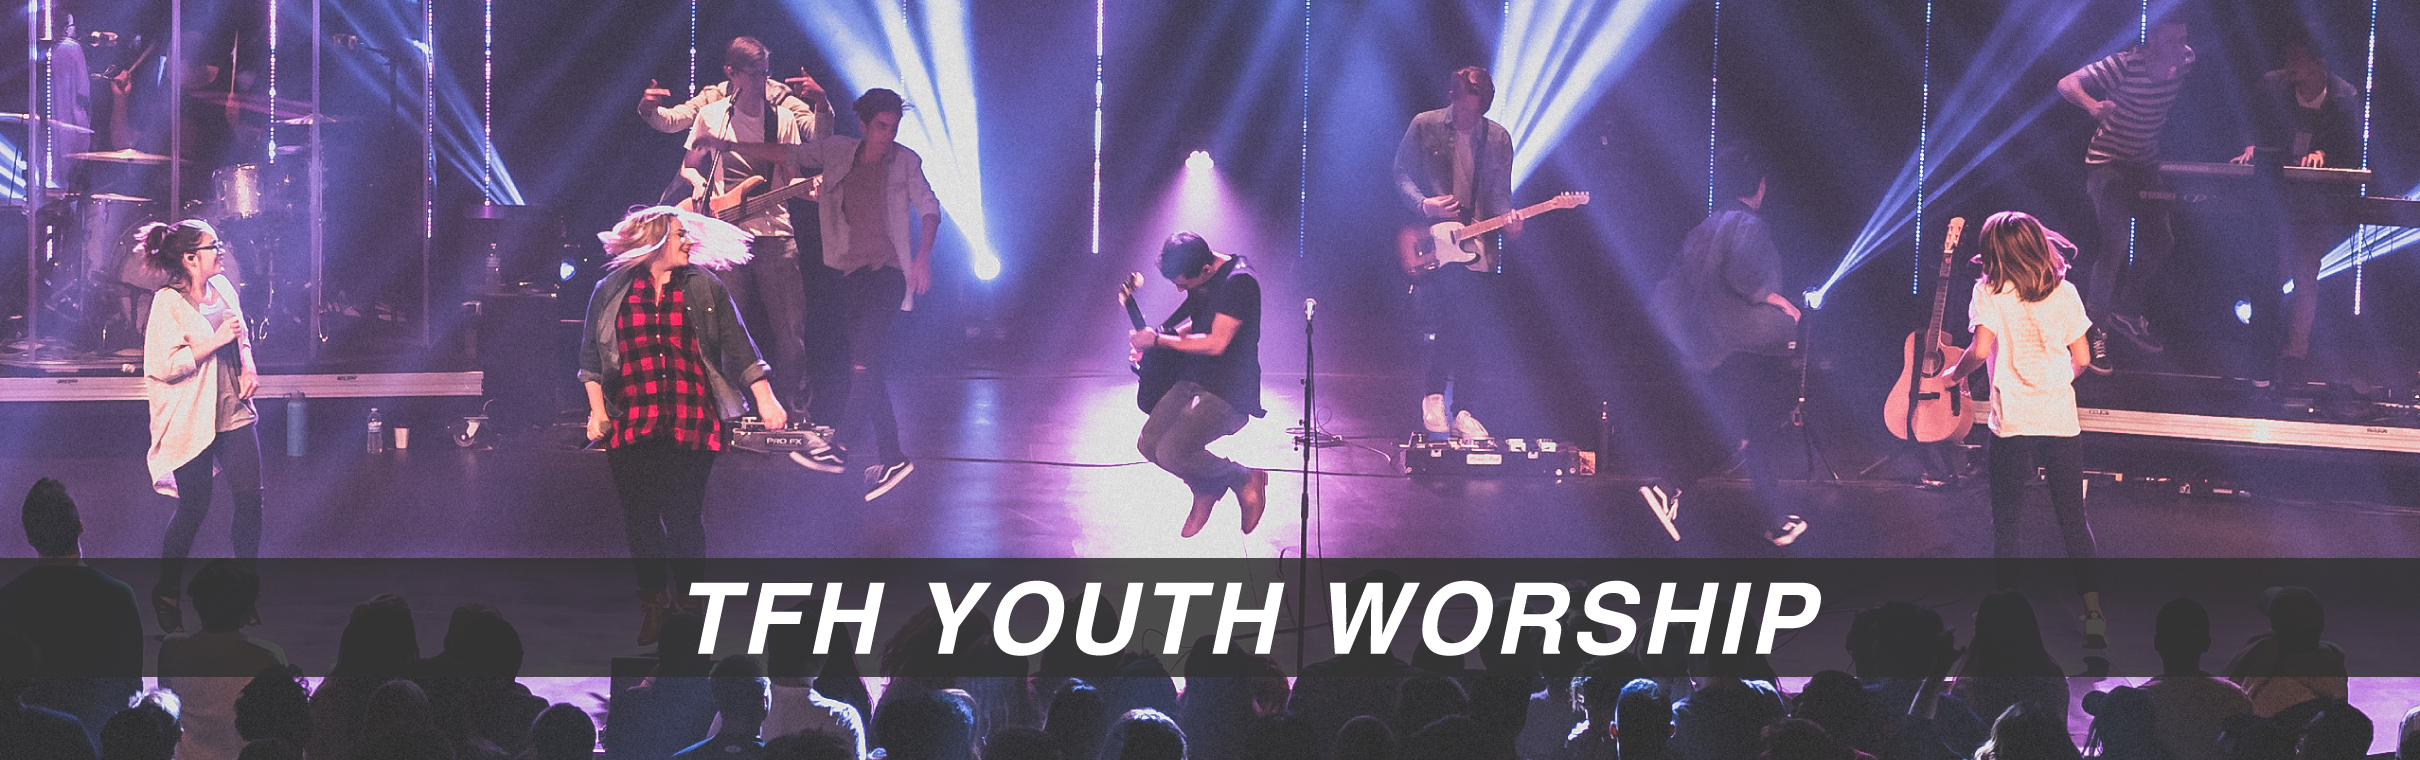 TFH Youth Worship